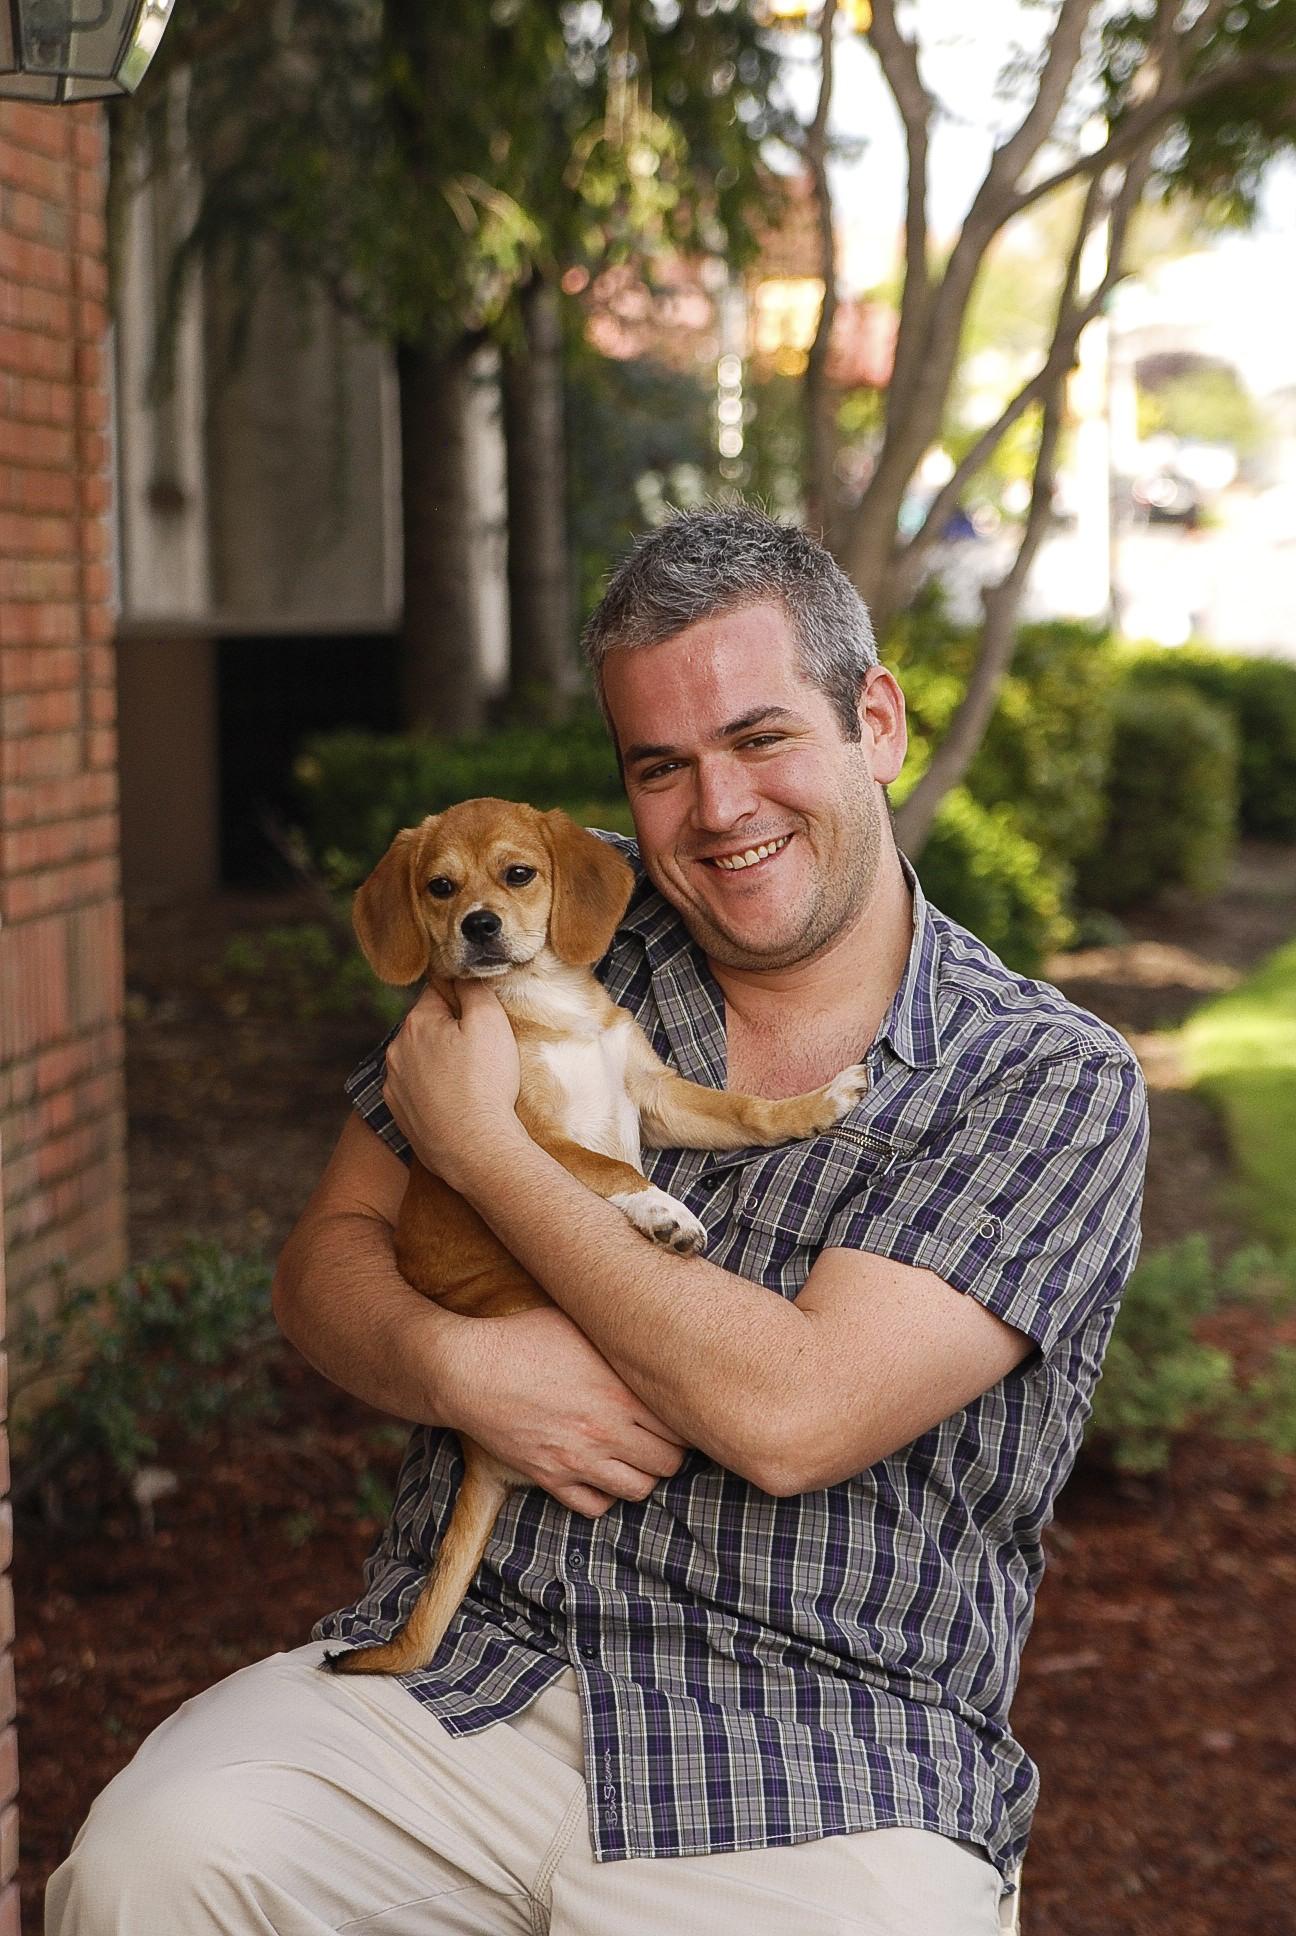 Adopt_A_Pet_9-25-11-2-7.jpg